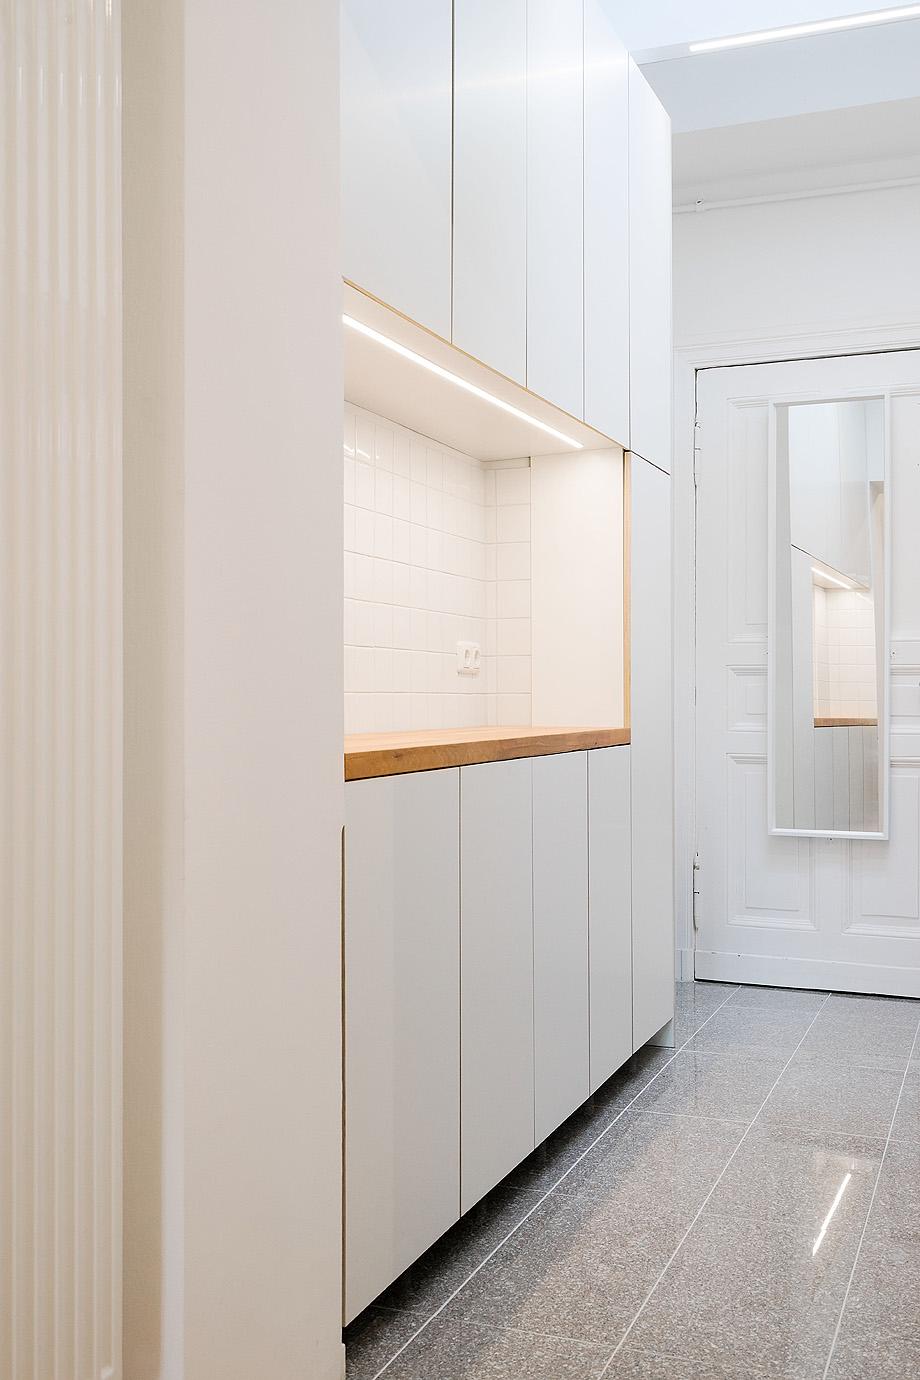 apartamento am106 de paola bagna - foto ringo paulusch (36)